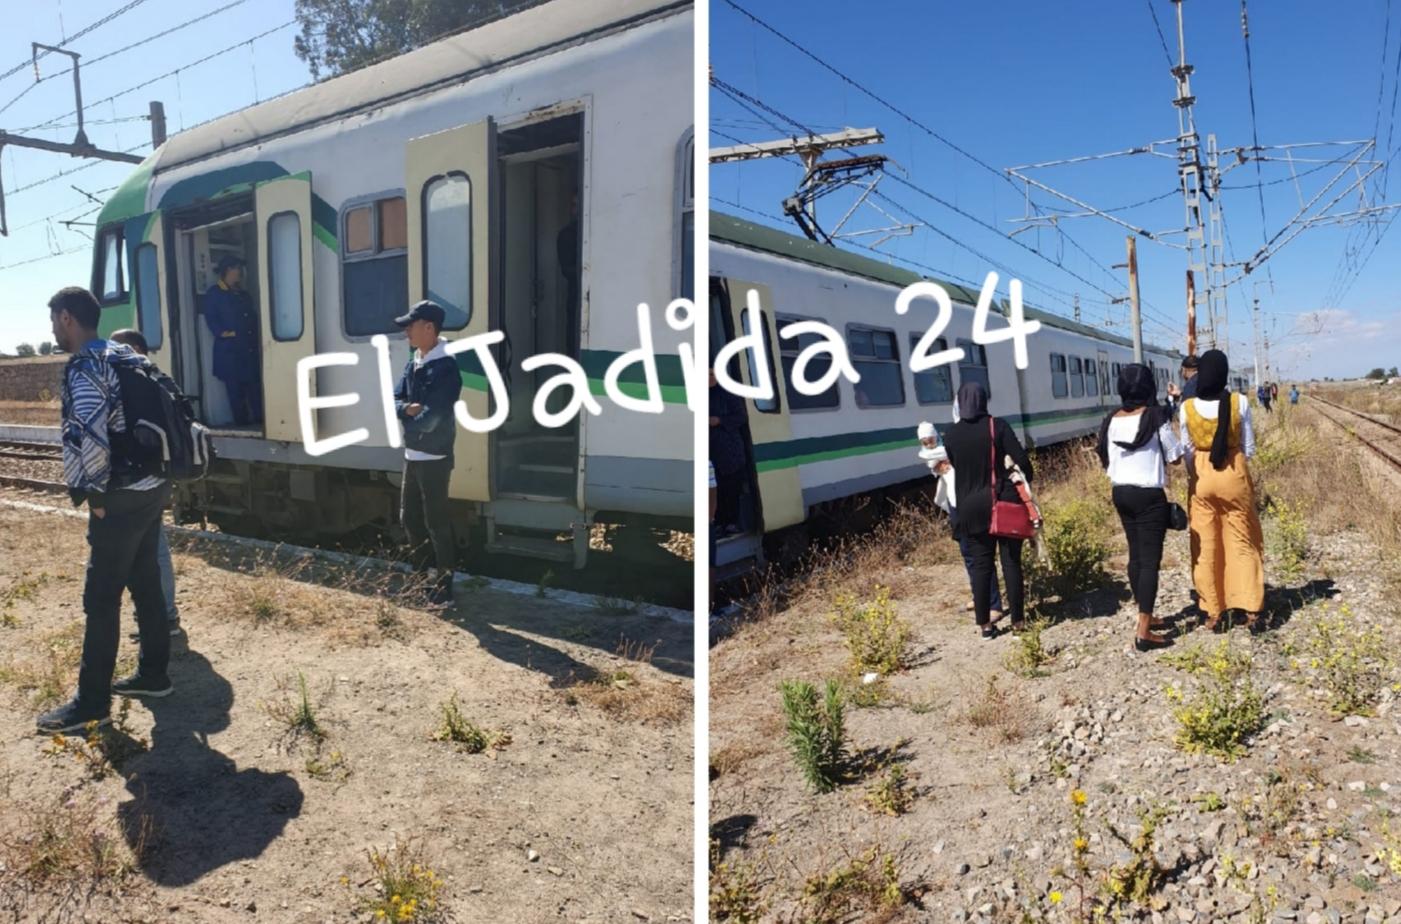 غضب في صفوف المسافرين بعد توقف قطار في الخلاء قرب الجديدة لأكثر من ساعتين